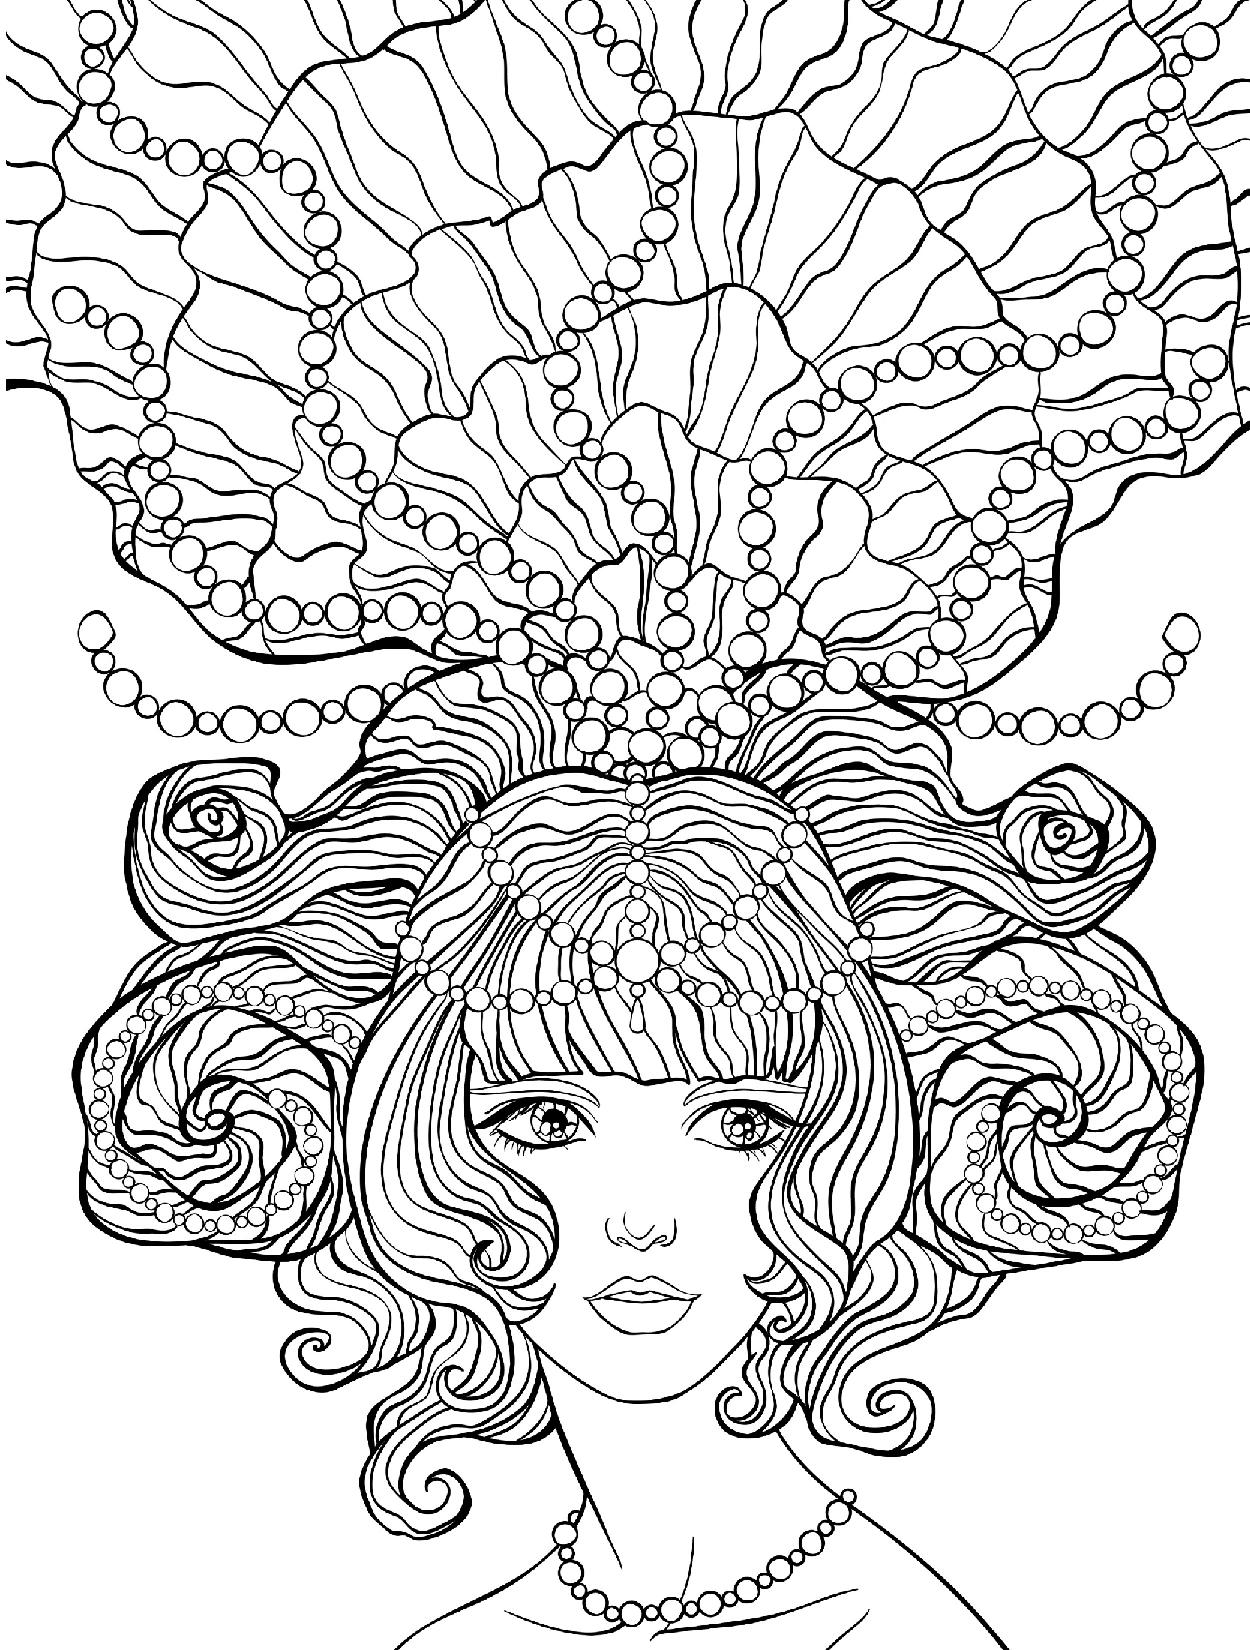 морская принцесса с жемчугом в волосах люди и лица